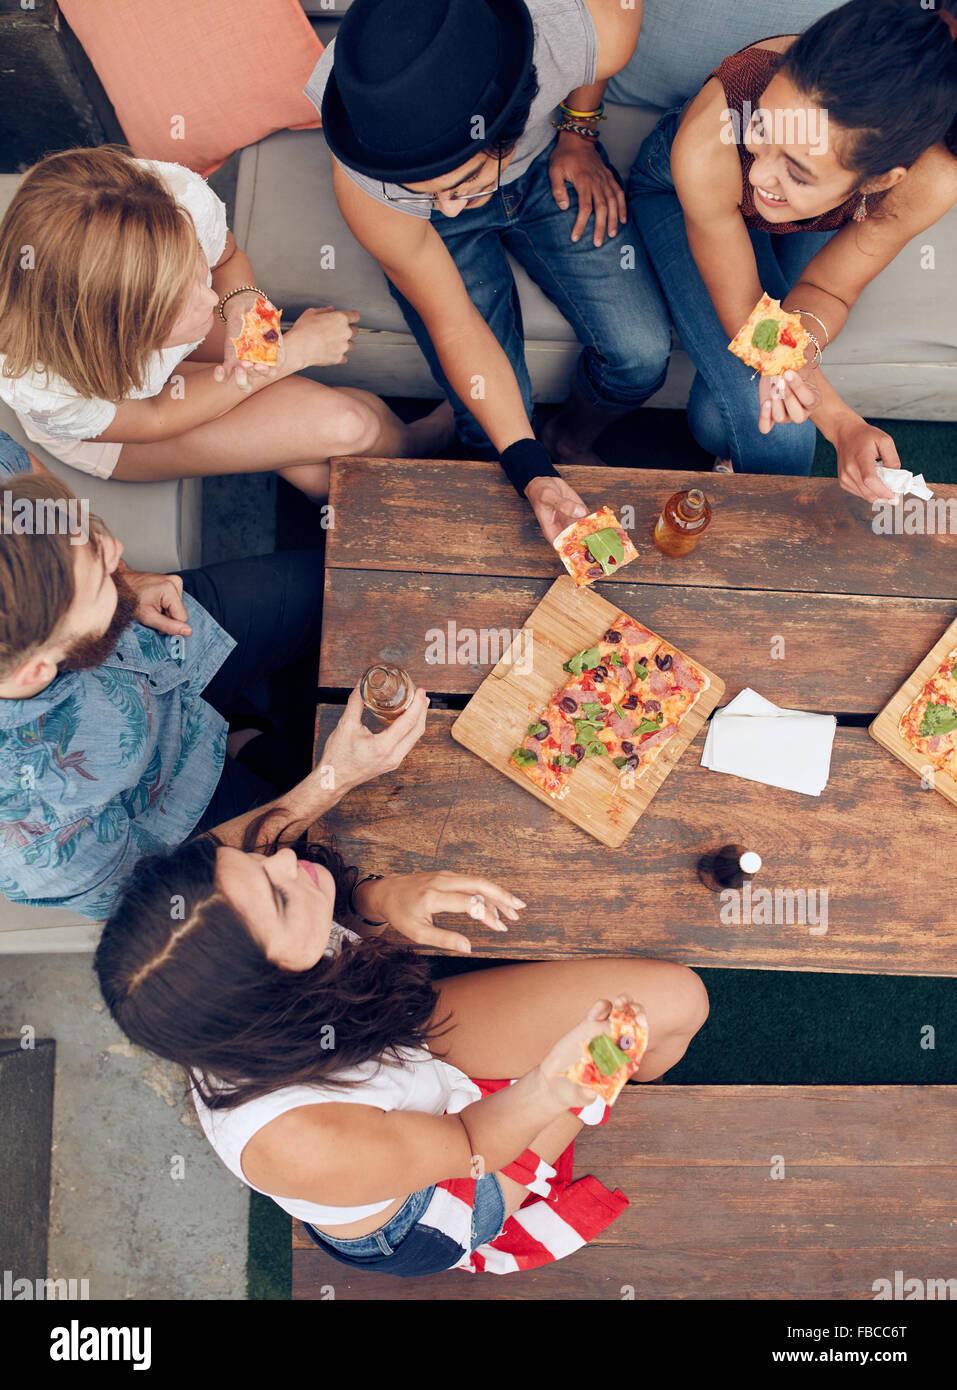 Vista dall'alto del gruppo di giovani aventi le bevande e pizza a parte. Multirazziale amici appendere fuori Immagini Stock